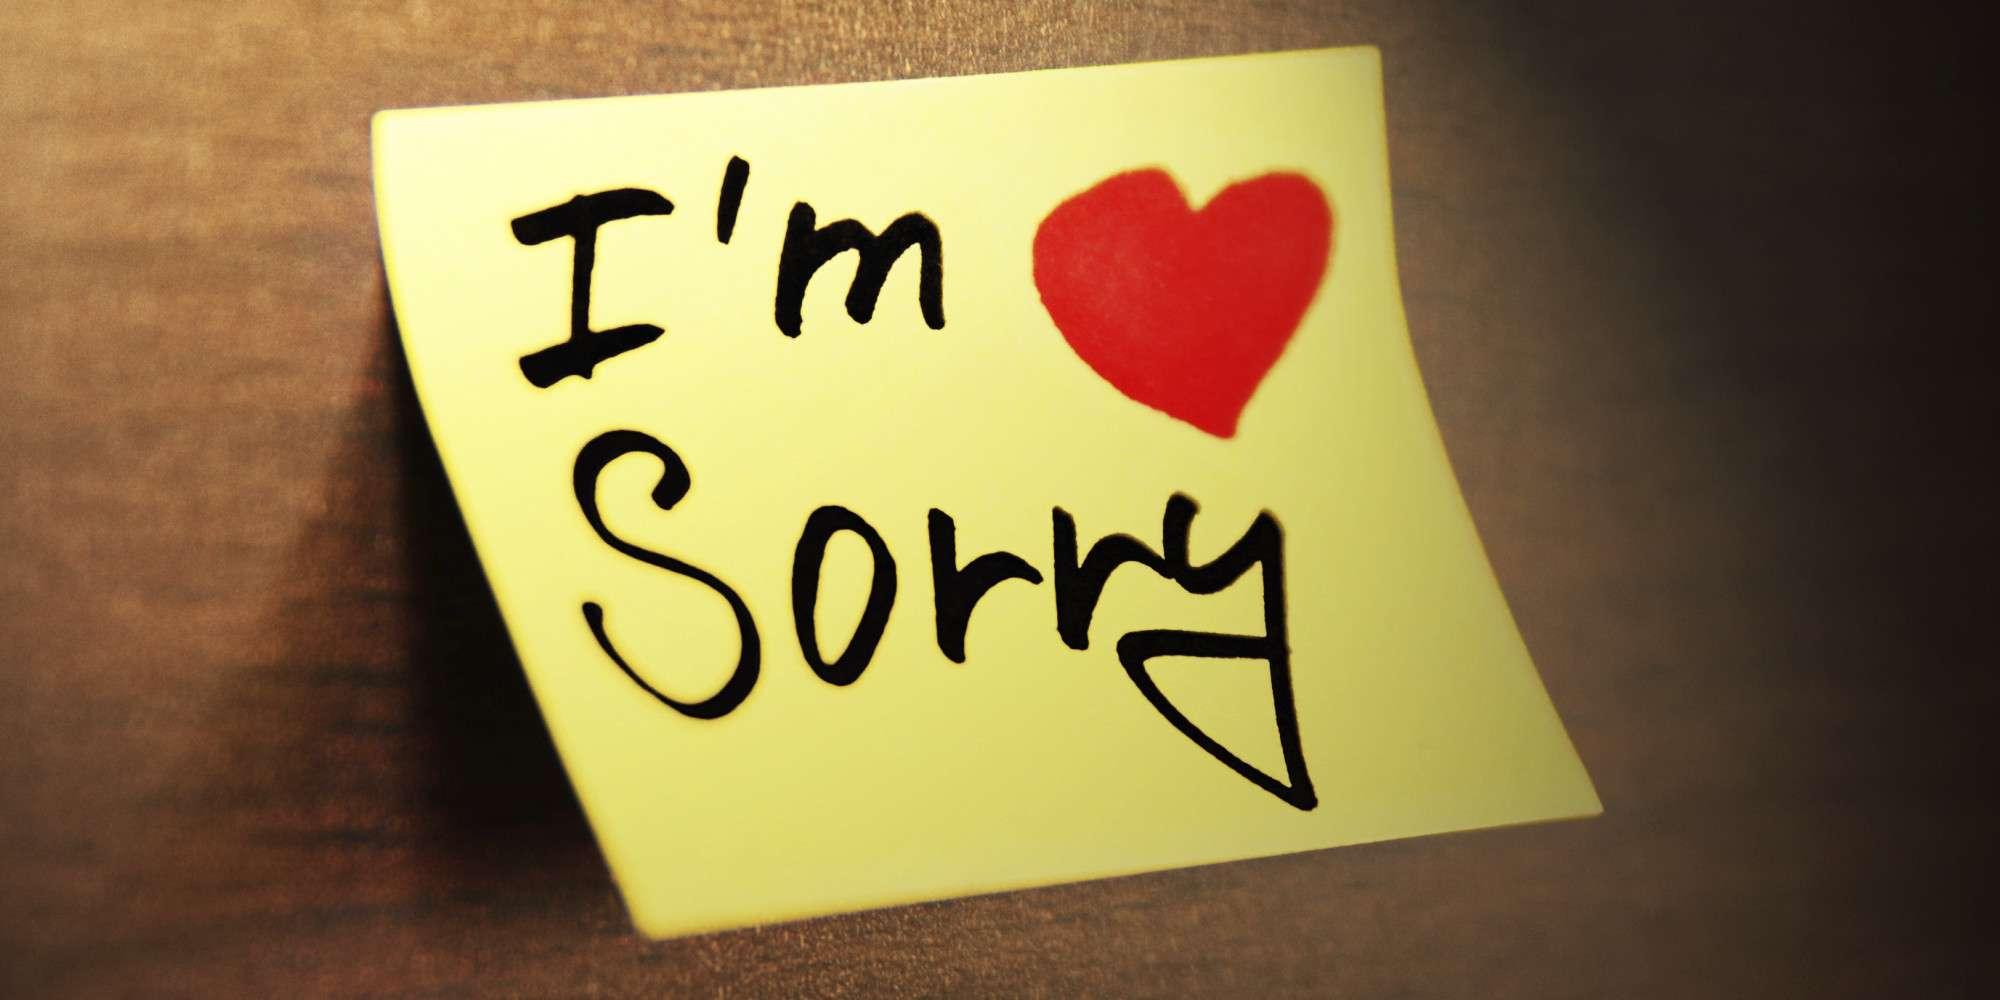 بالصور رسائل اعتذار للزوج , صور رسائل اسف واعتذار للزوج 1480 1